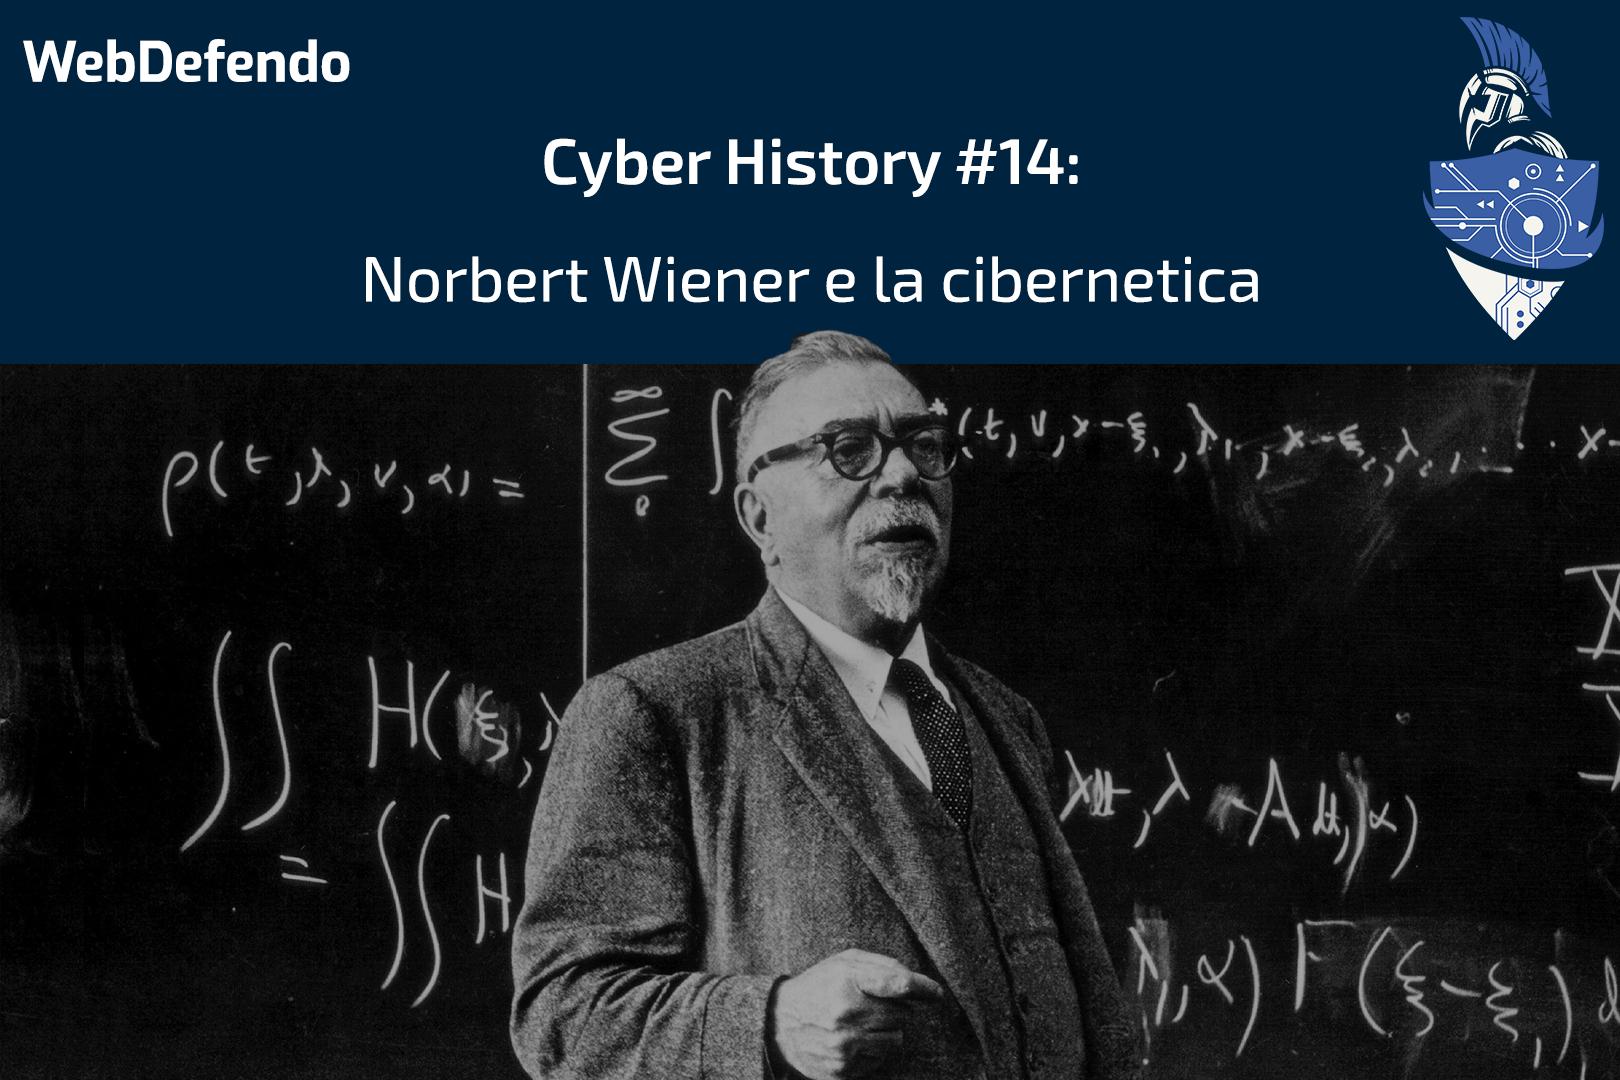 CyberHistory #14: Norbert Wiener e la cibernetica